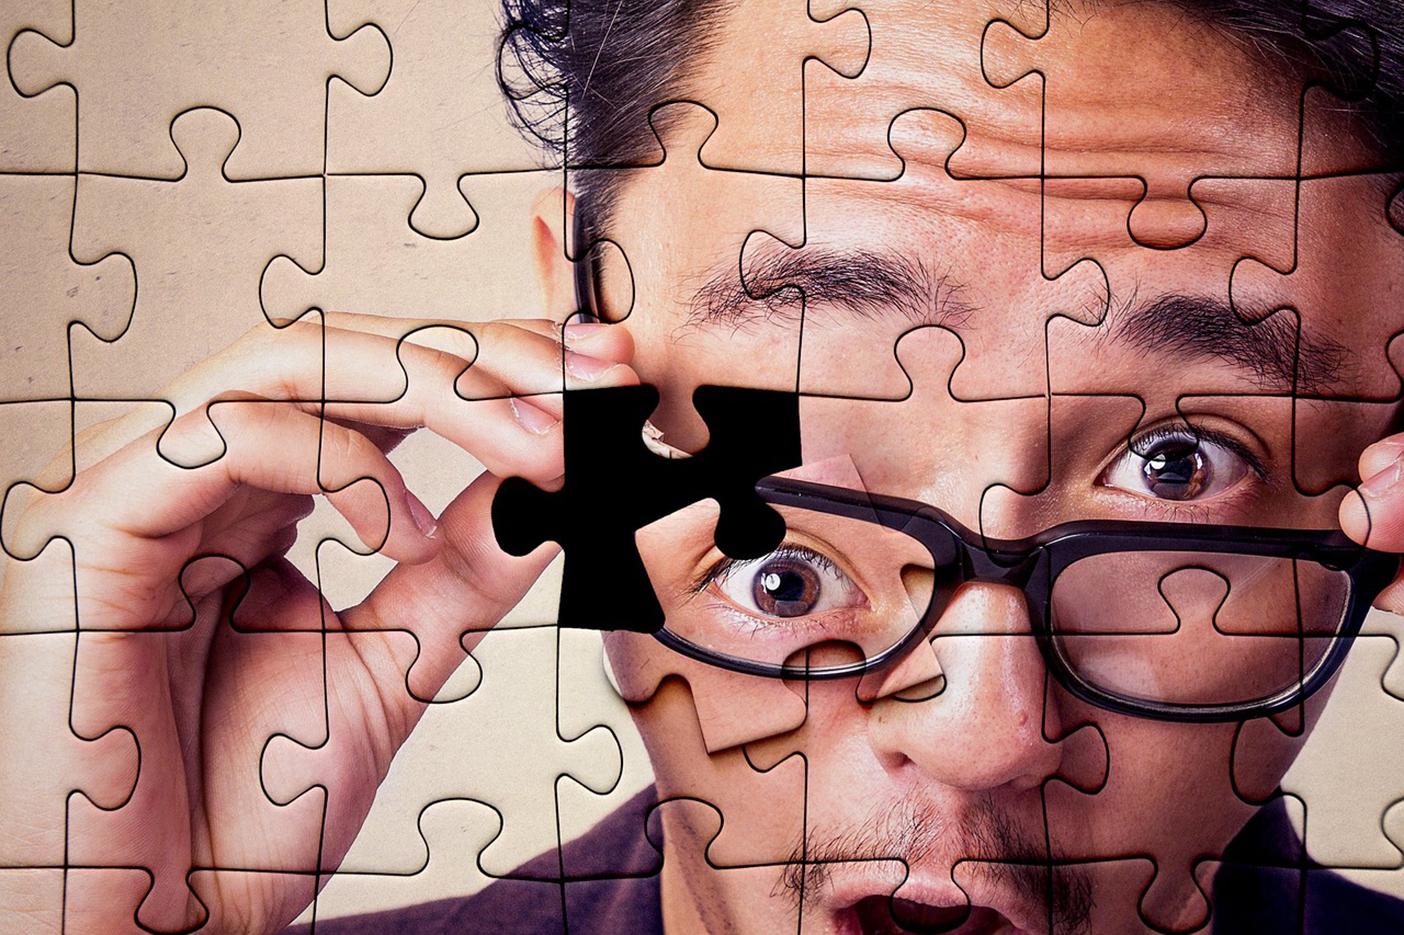 Legpuzzel van verbaasde man waarbij het laatste stukje van zijn oog los op de puzzel ligt